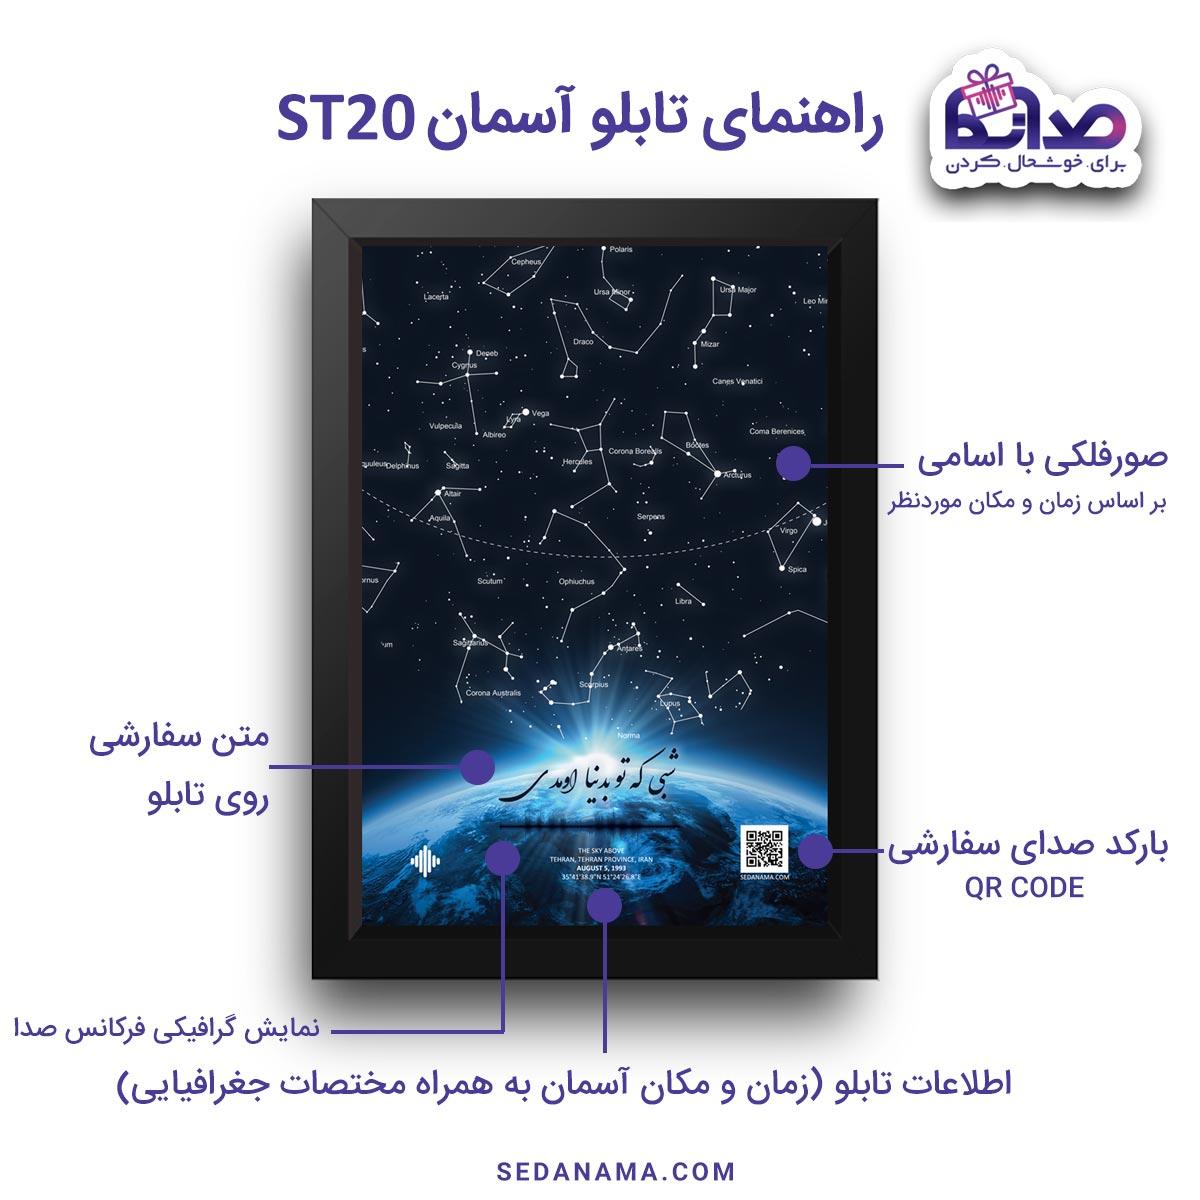 راهنمای تابلو آسمان ST20